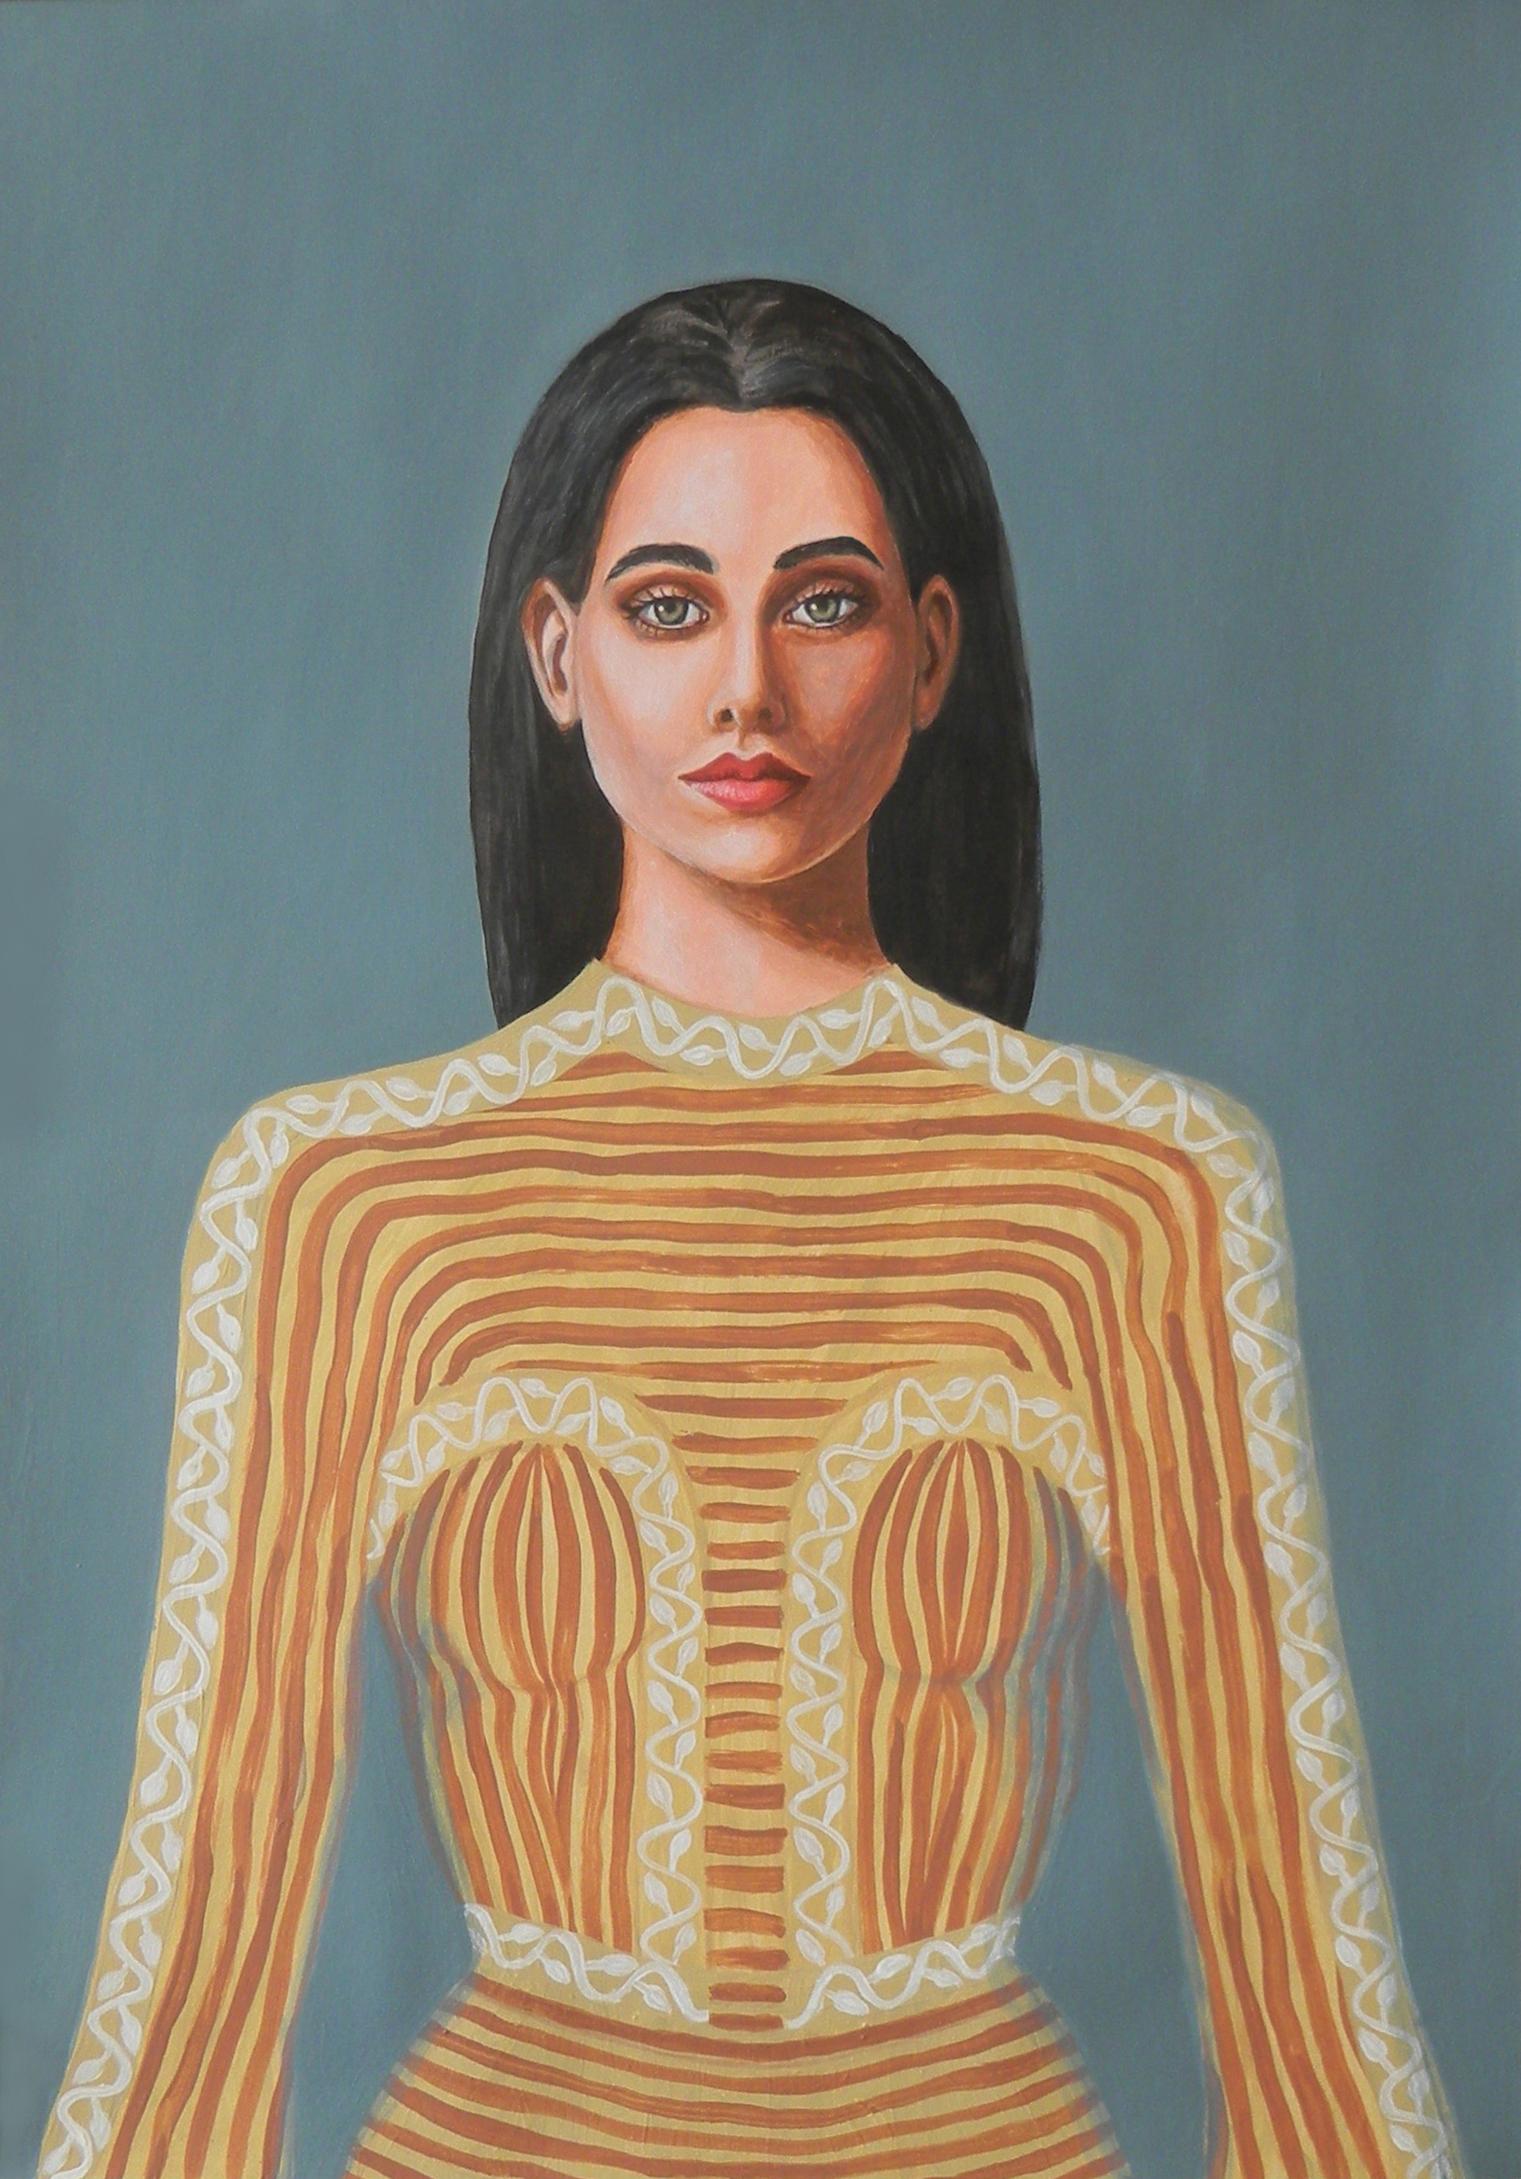 Inès - Portrait imaginaire